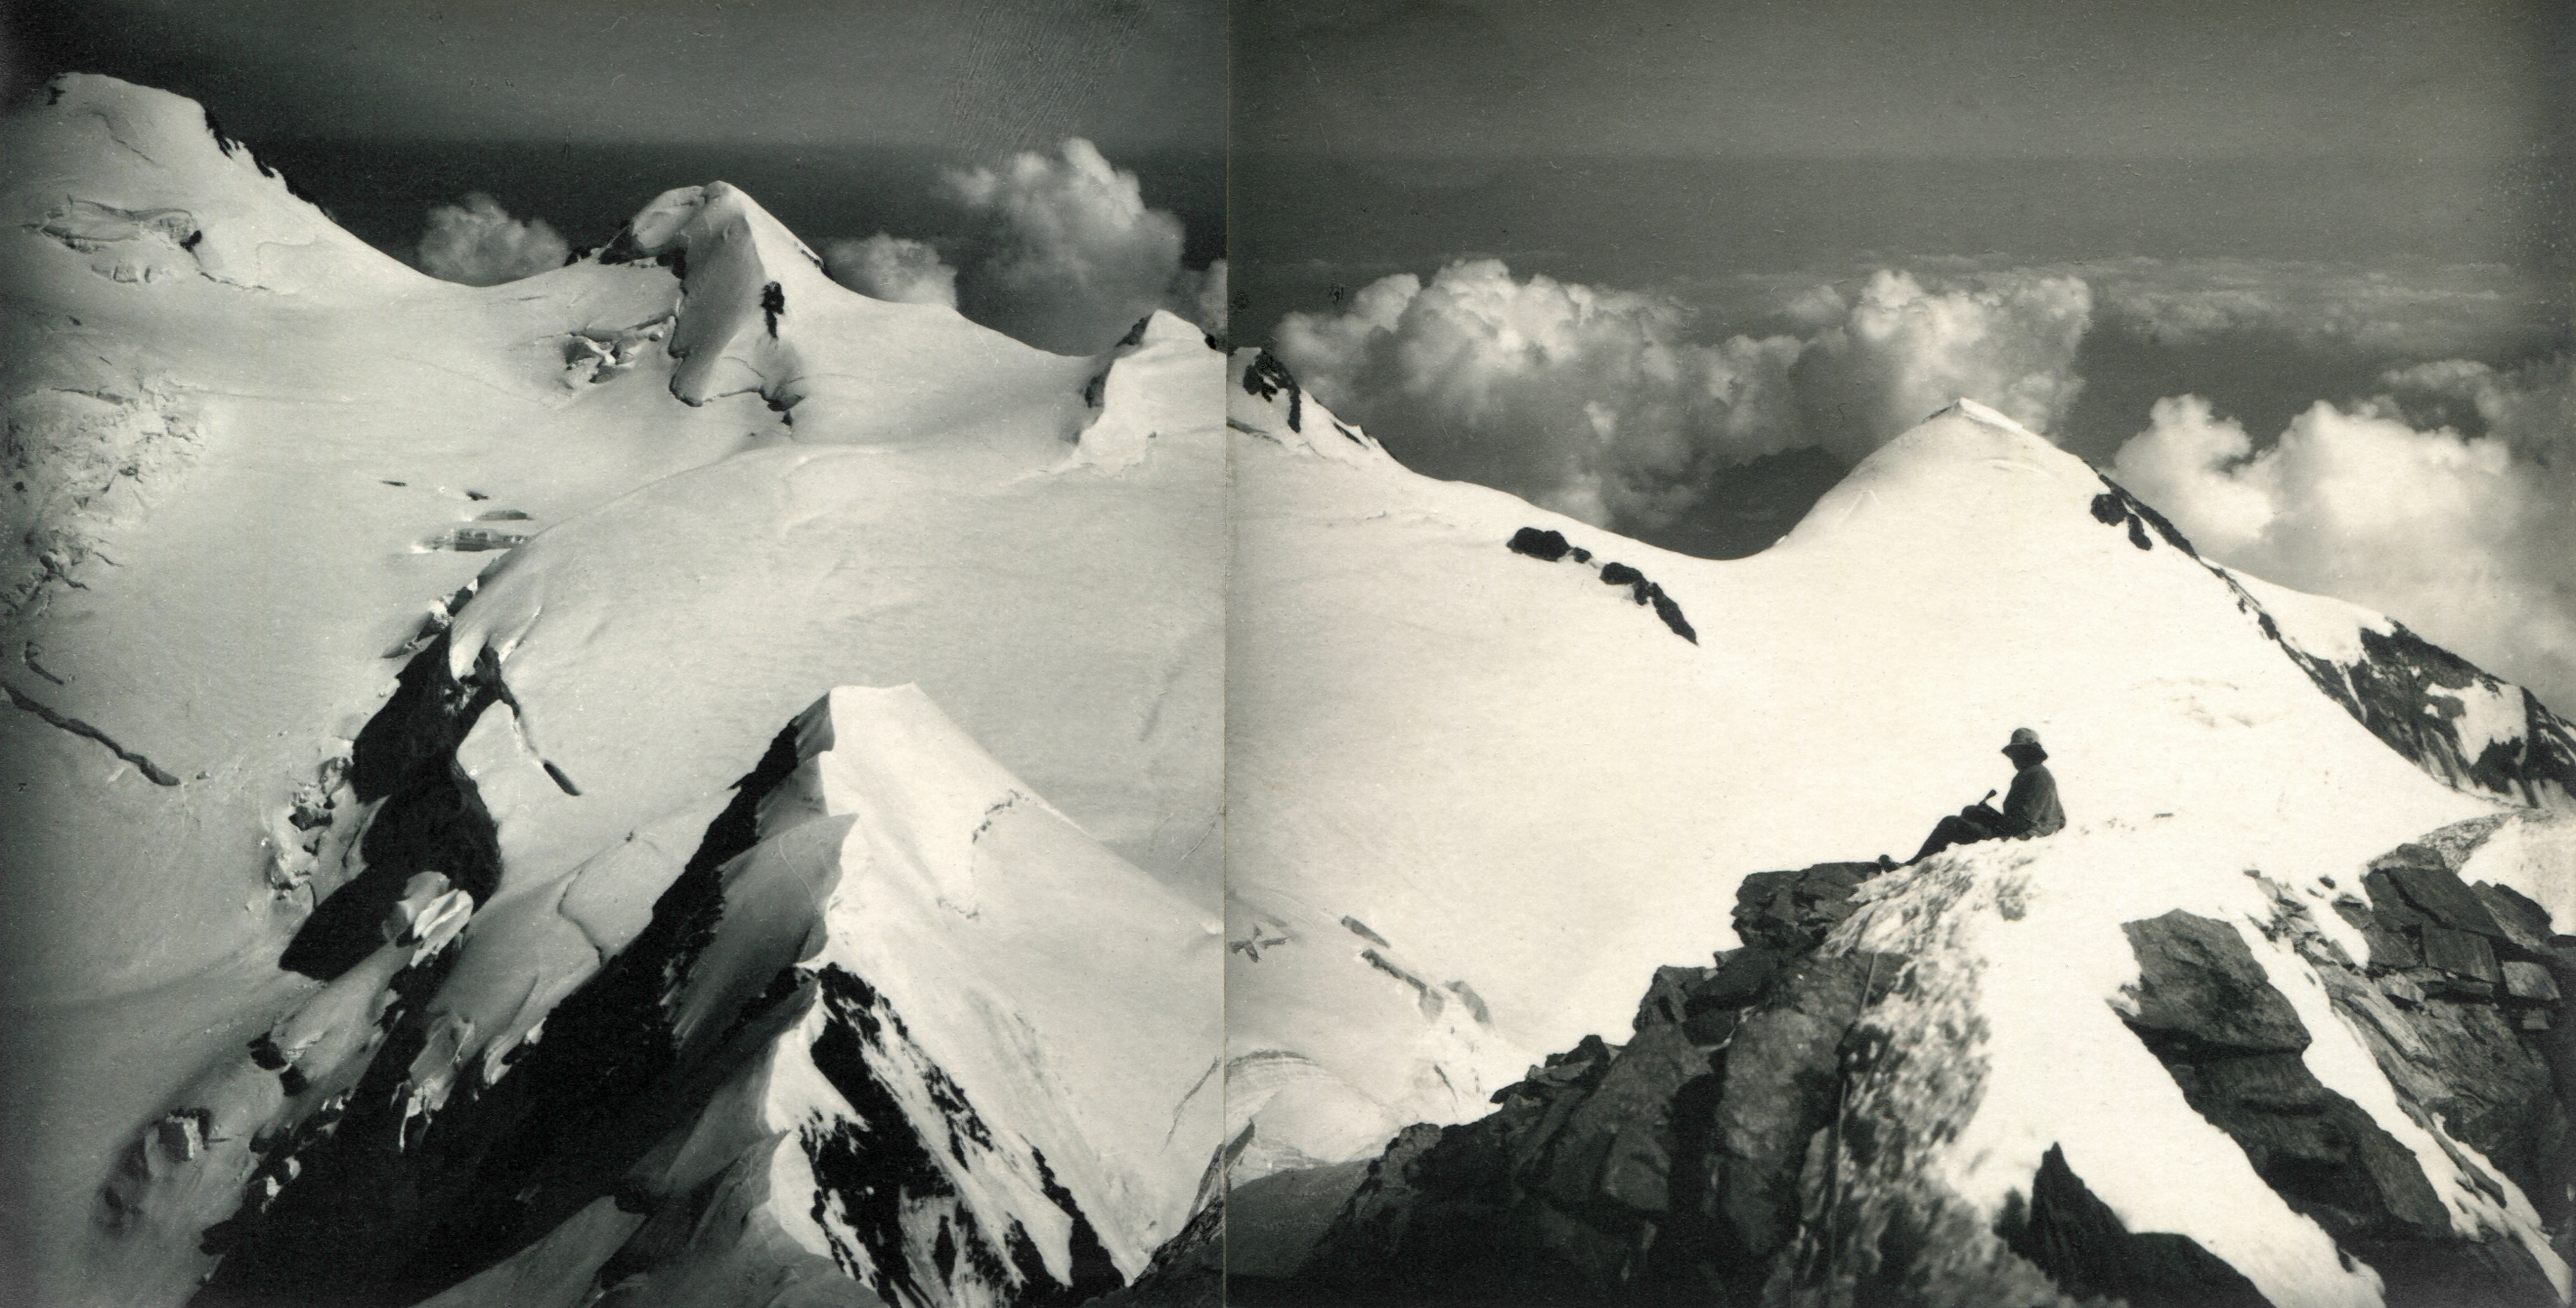 Signalkuppe, Sesiajoch, Parrotspitze, Ludwigshöhe, Schwarzhorn, Vincent-Pyramide vom Liskamm. Aus zwei Aufnahmen zusammengesetztes Panorama. Sommer 1926.